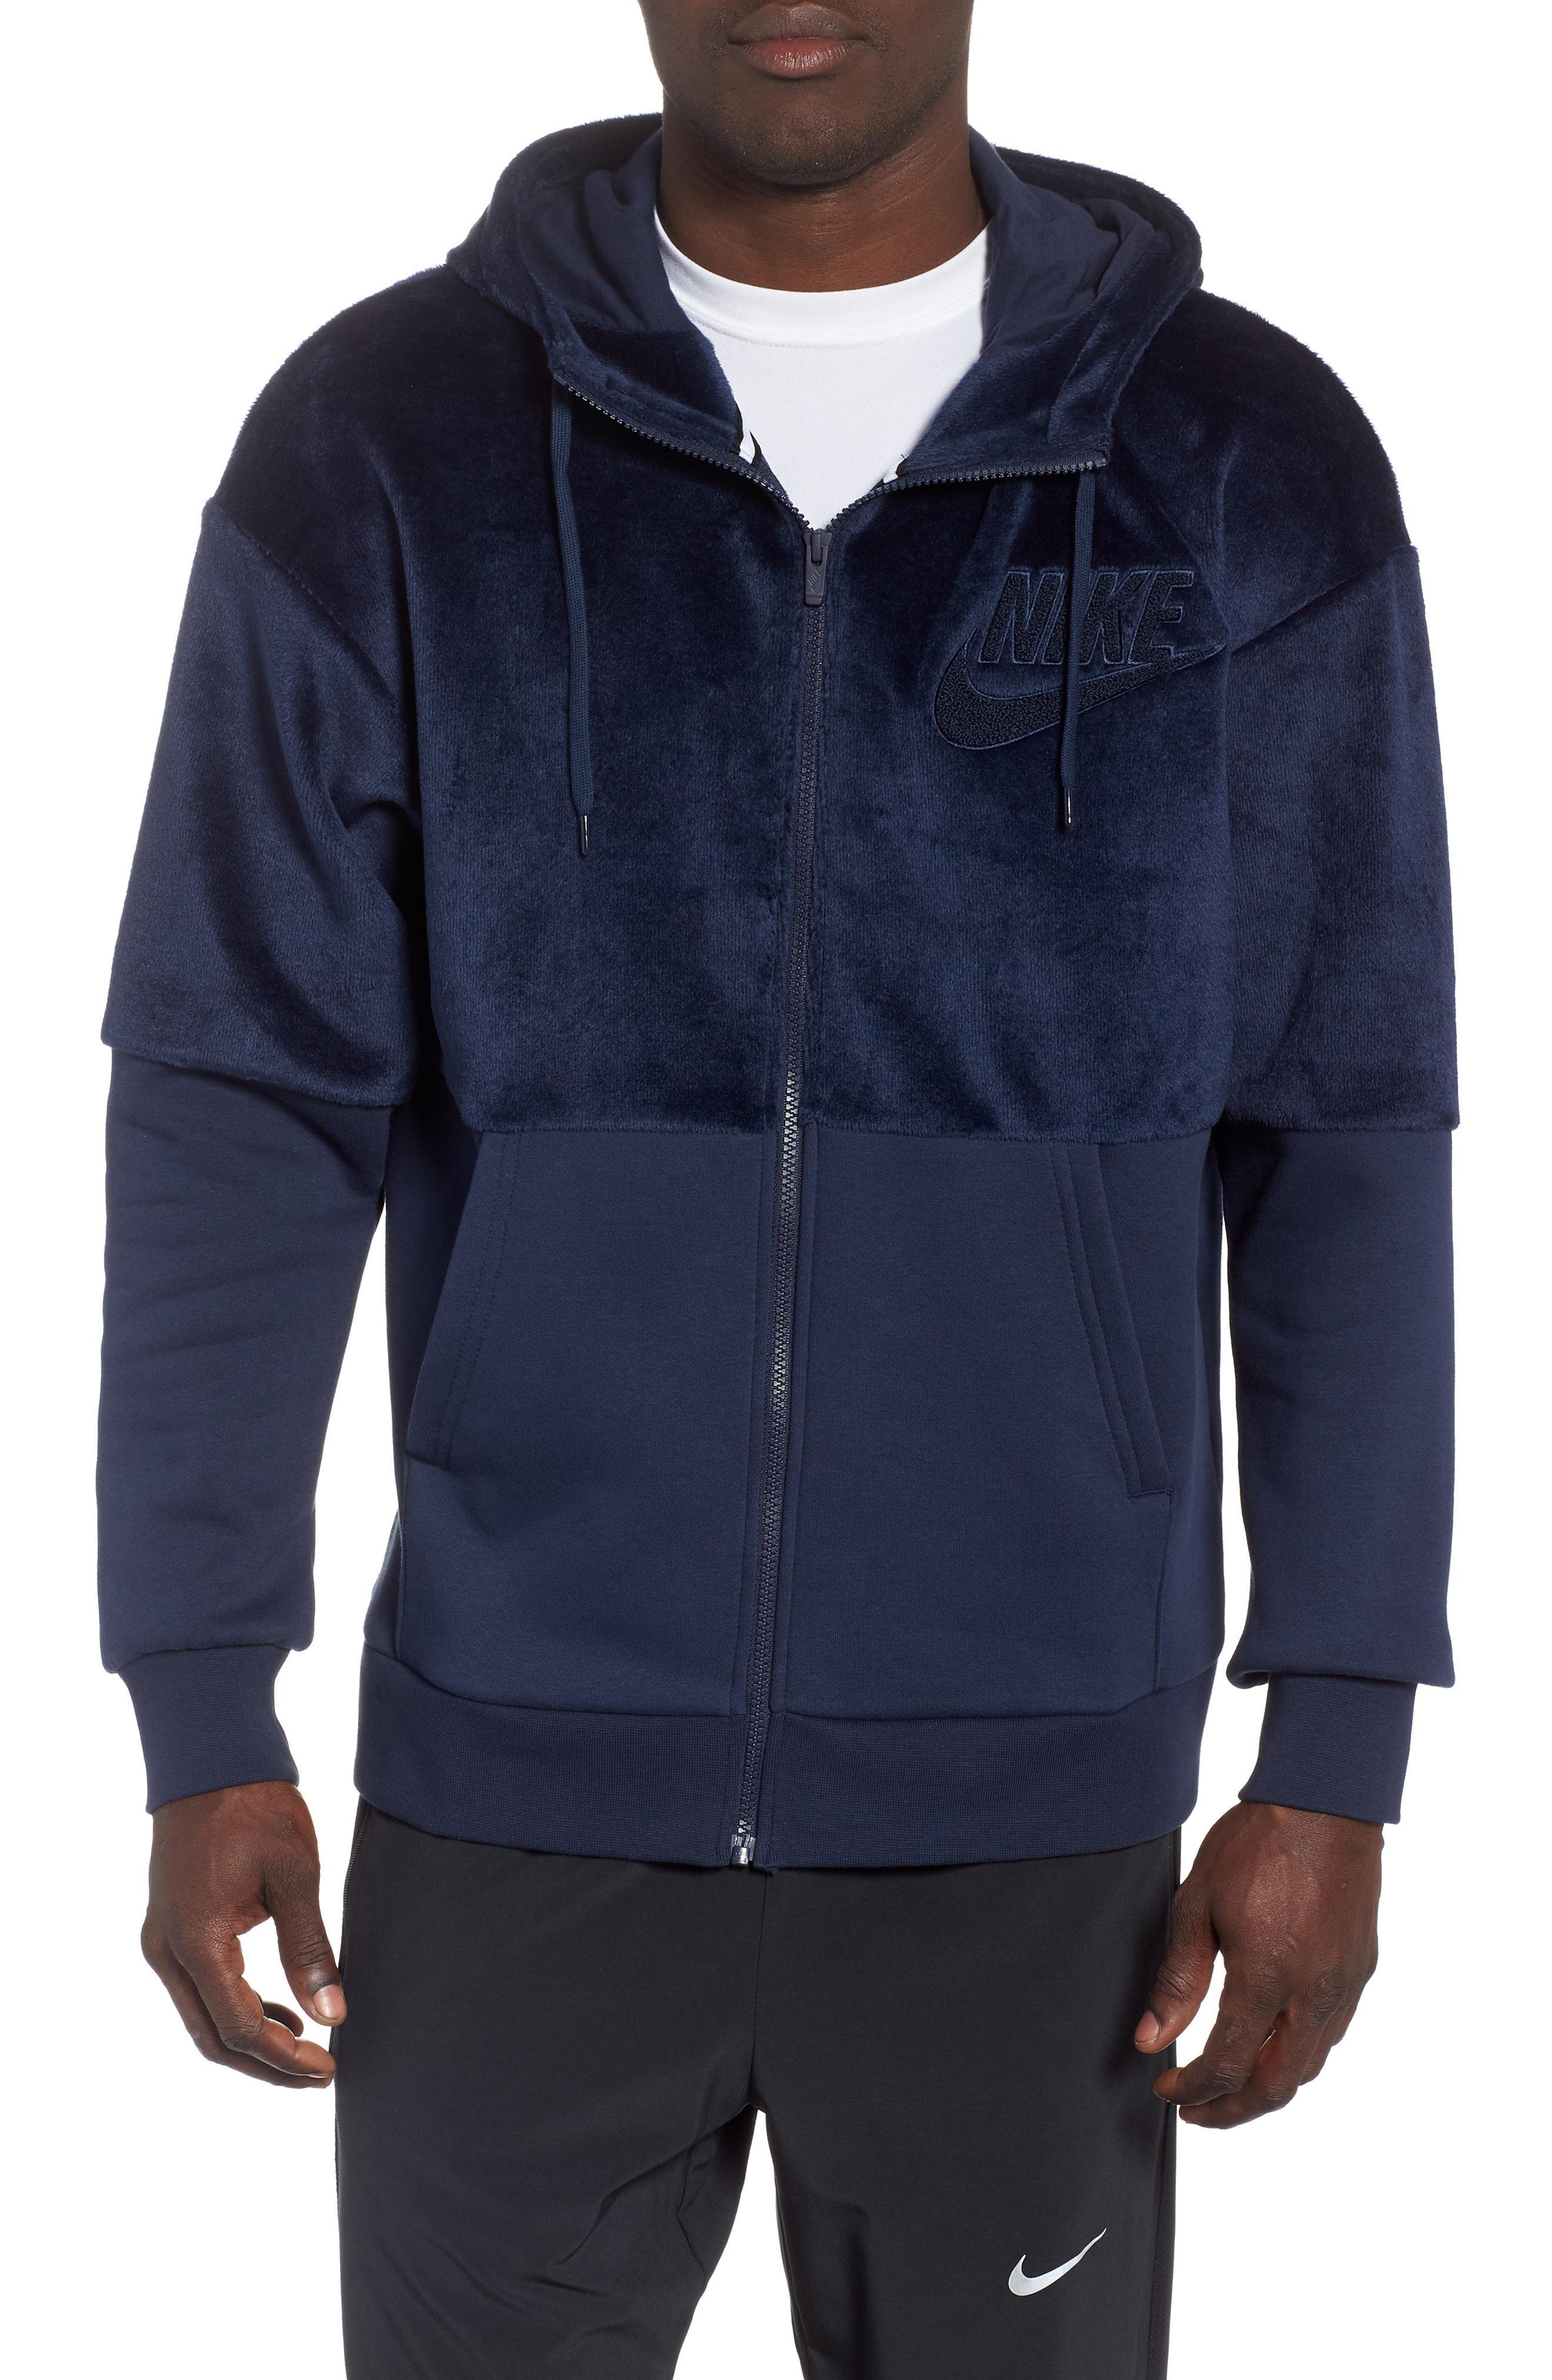 bb9de42cb4c7 Lyst - Nike Nsw Fleece Zip Hoodie in Blue for Men